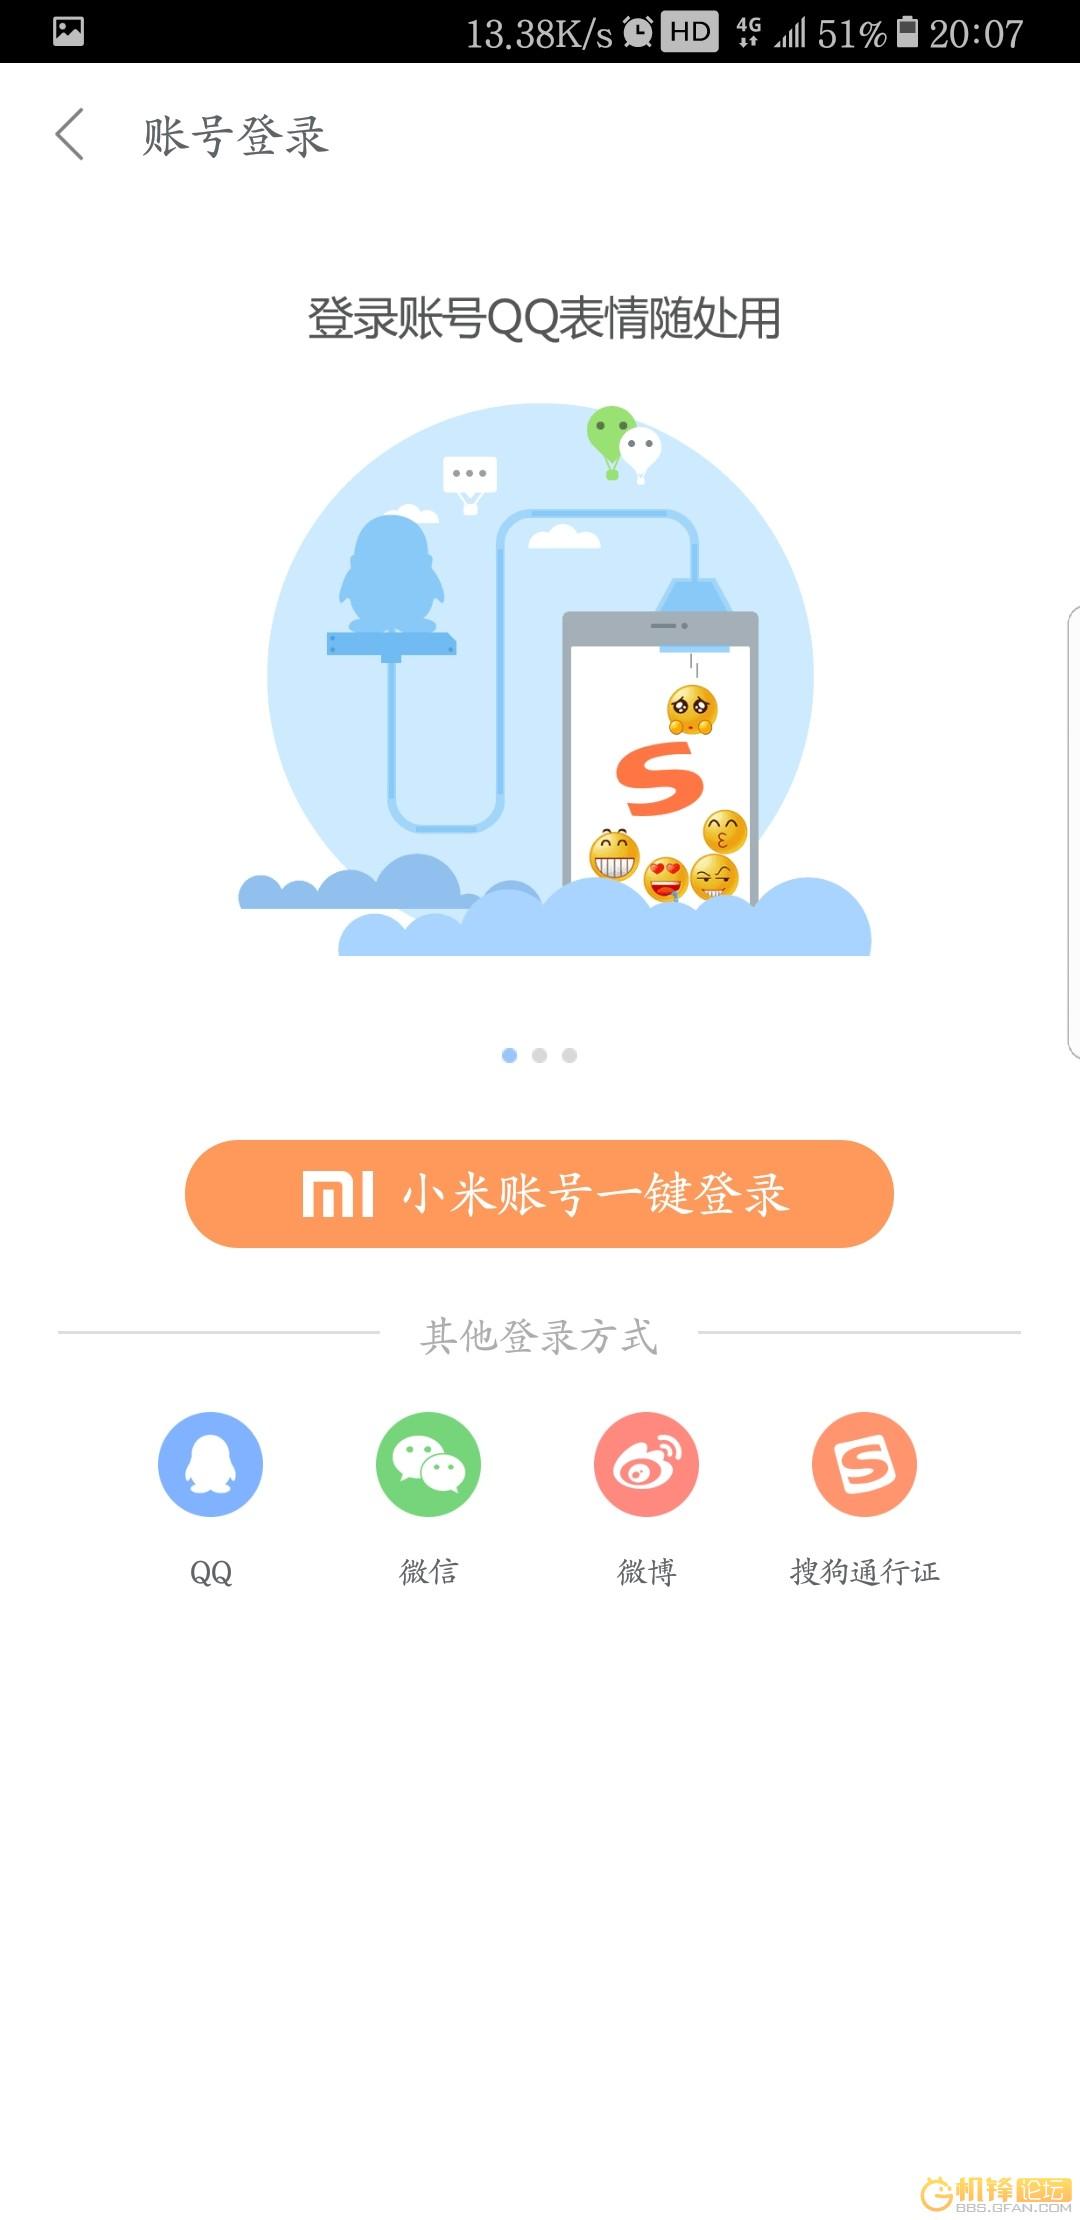 Screenshot_20180211-200712.jpg